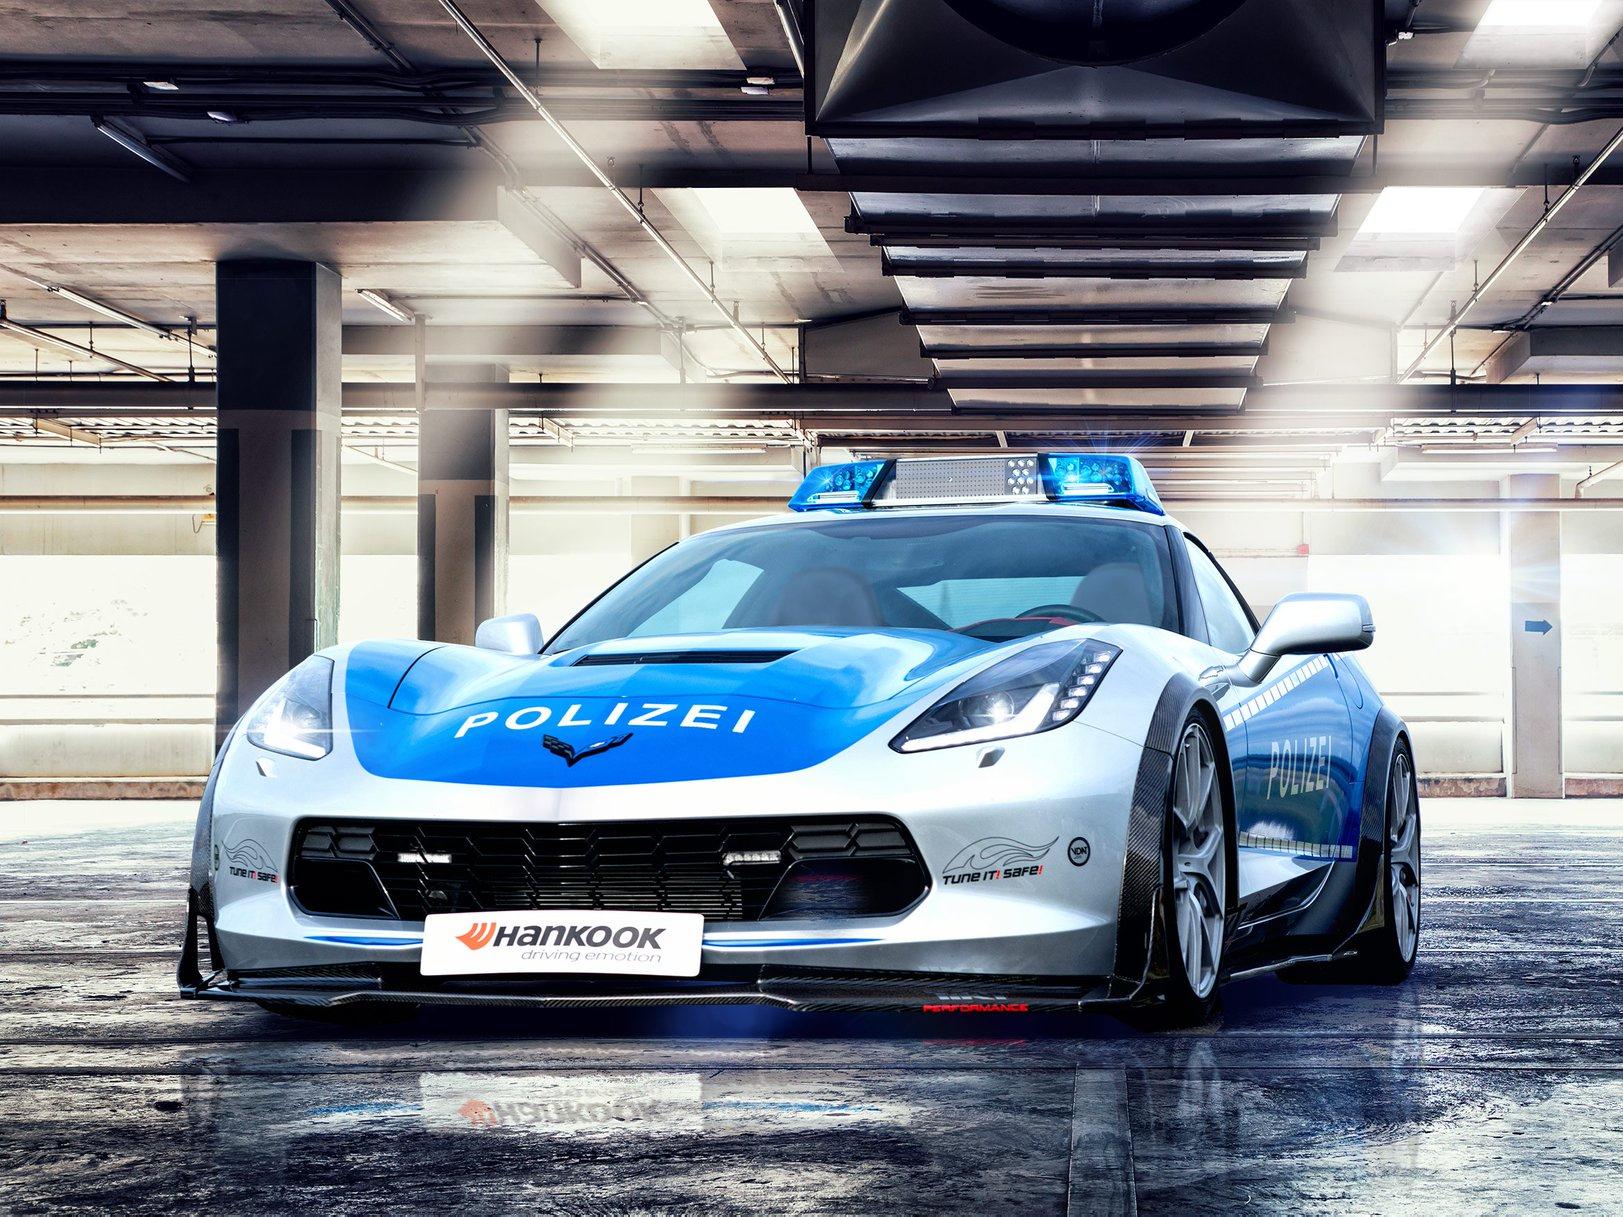 die-polizei-corvette.jpg